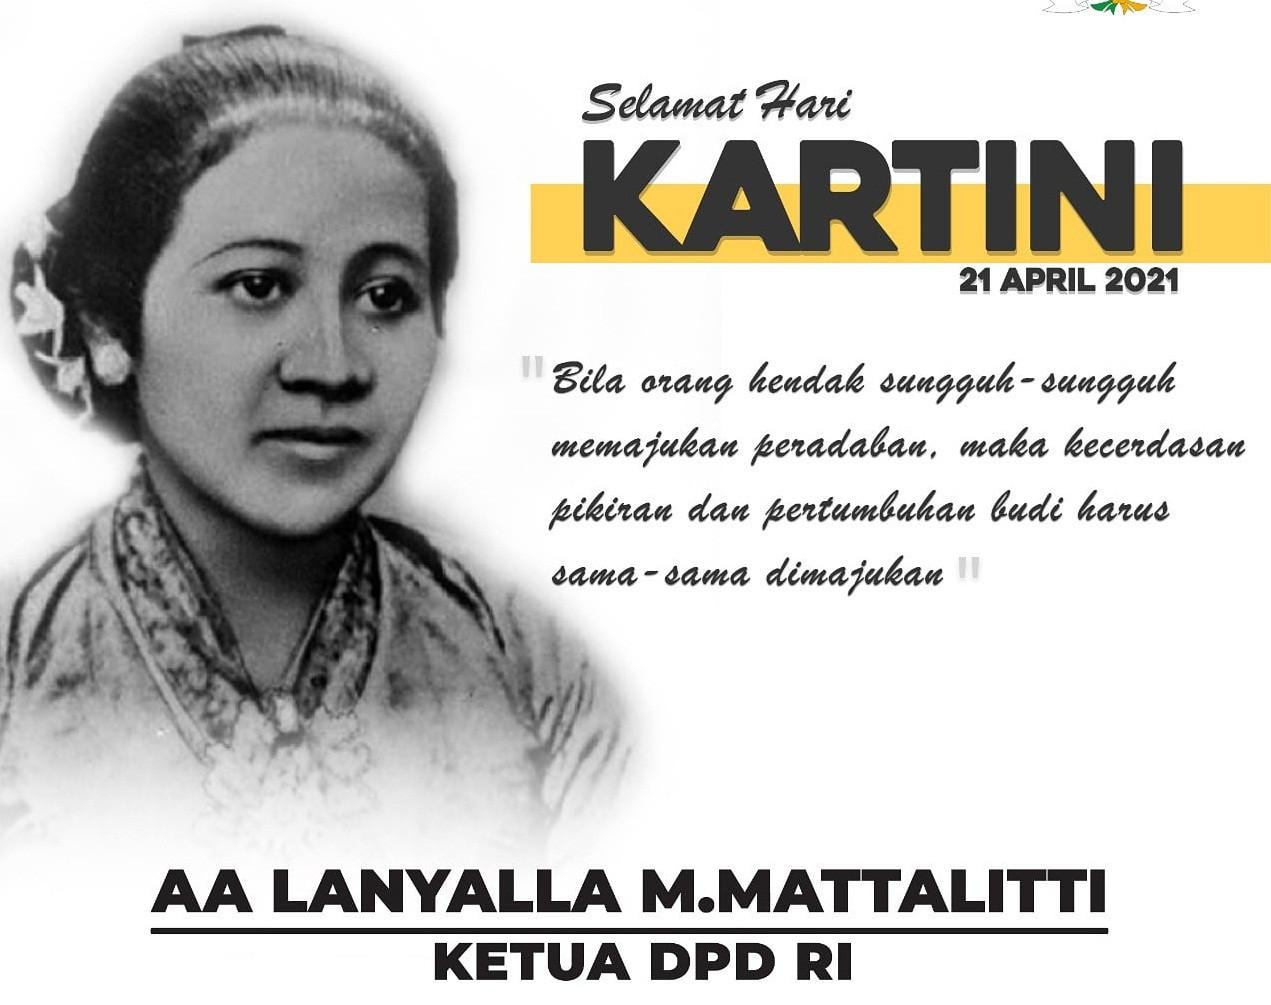 Ketua DPD RI: Semangat Kartini Harus Tetap Menyala - JPNN.com